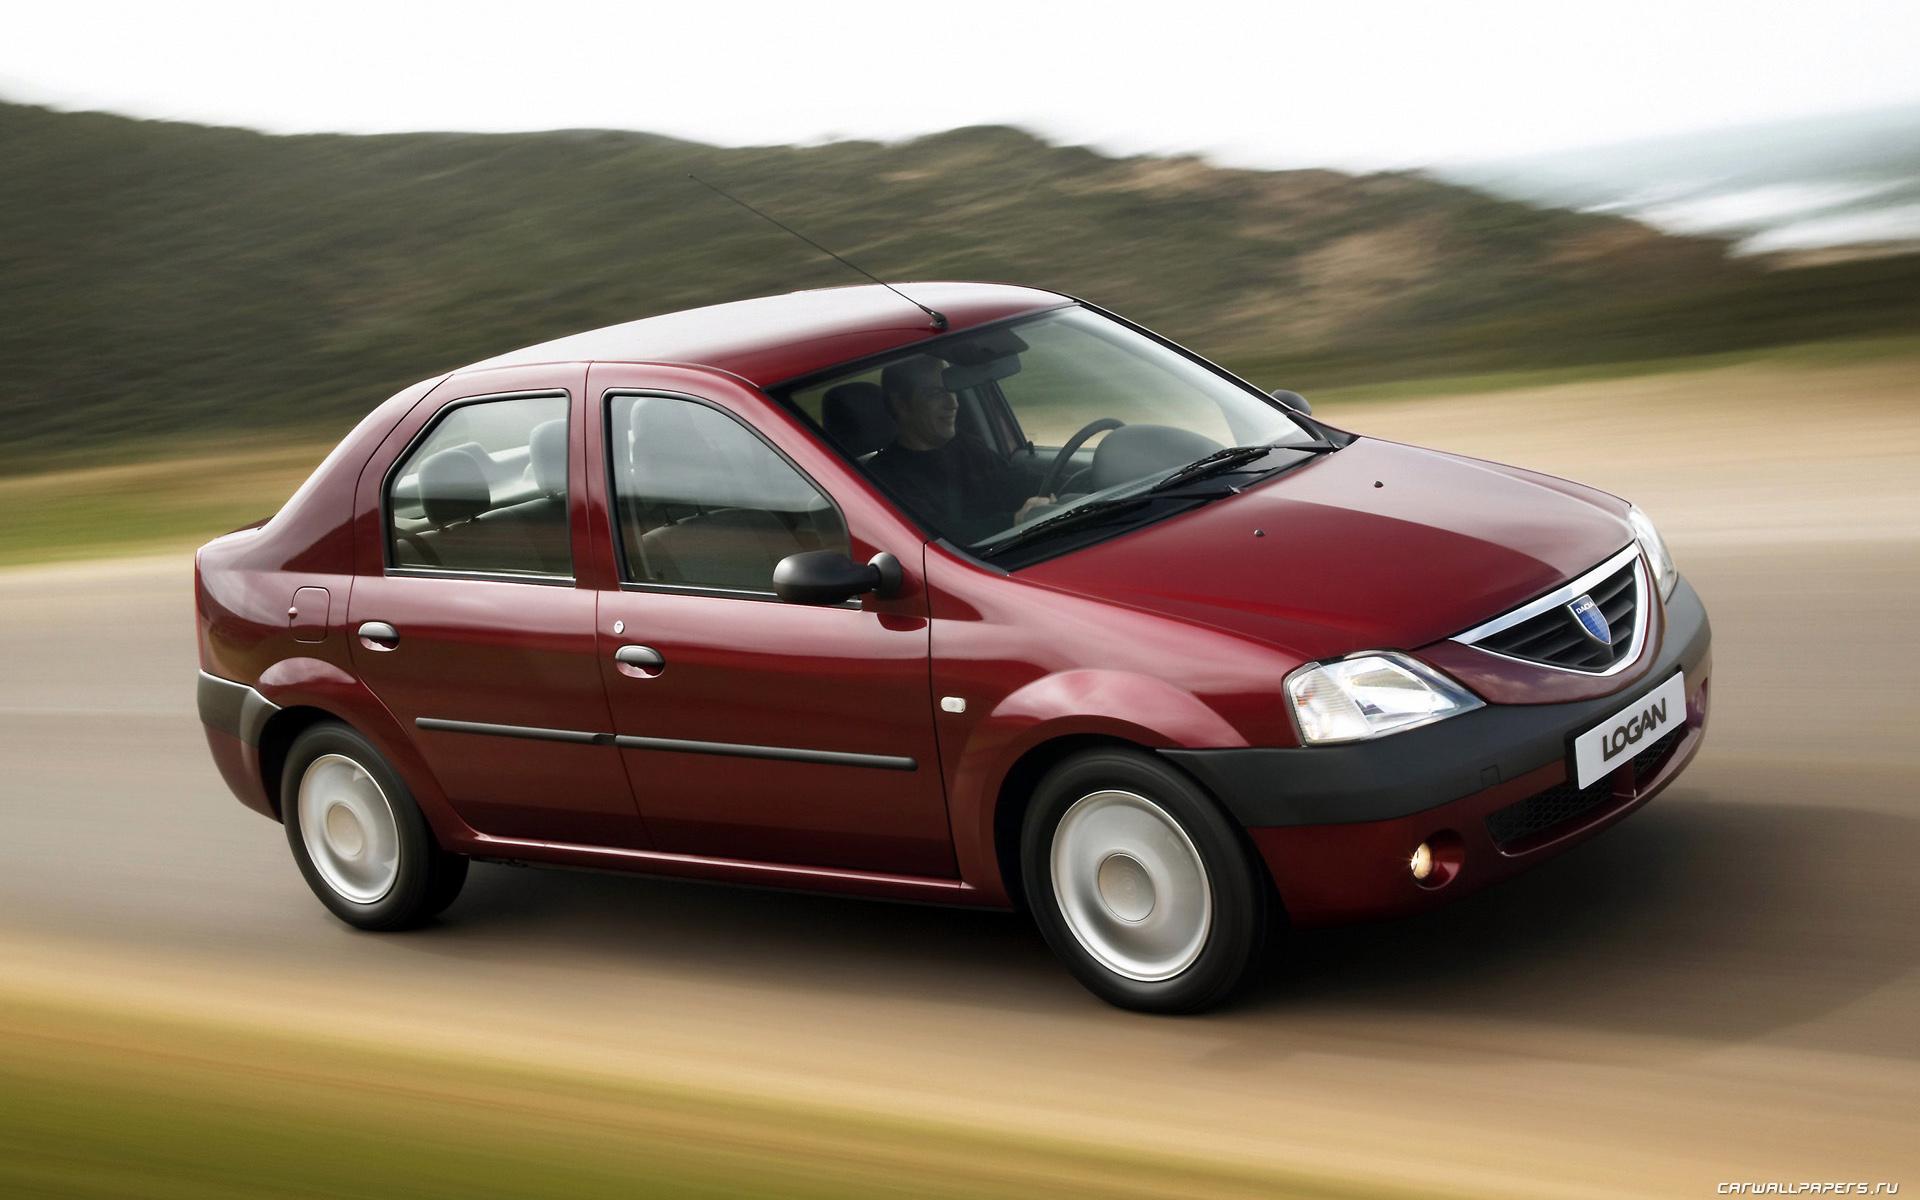 Cars Desktop Wallpapers Dacia Logan 2006